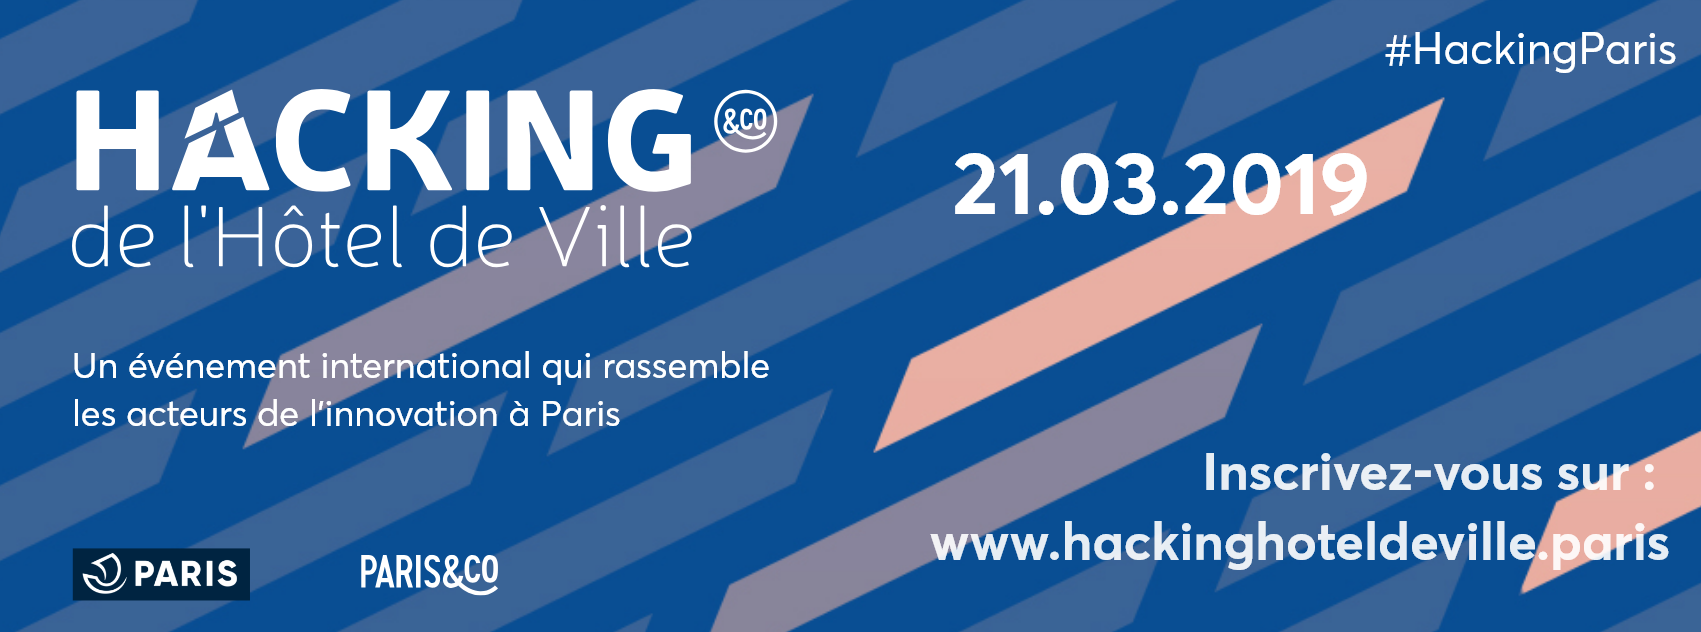 Hacking de l'Hôtel de ville de Paris